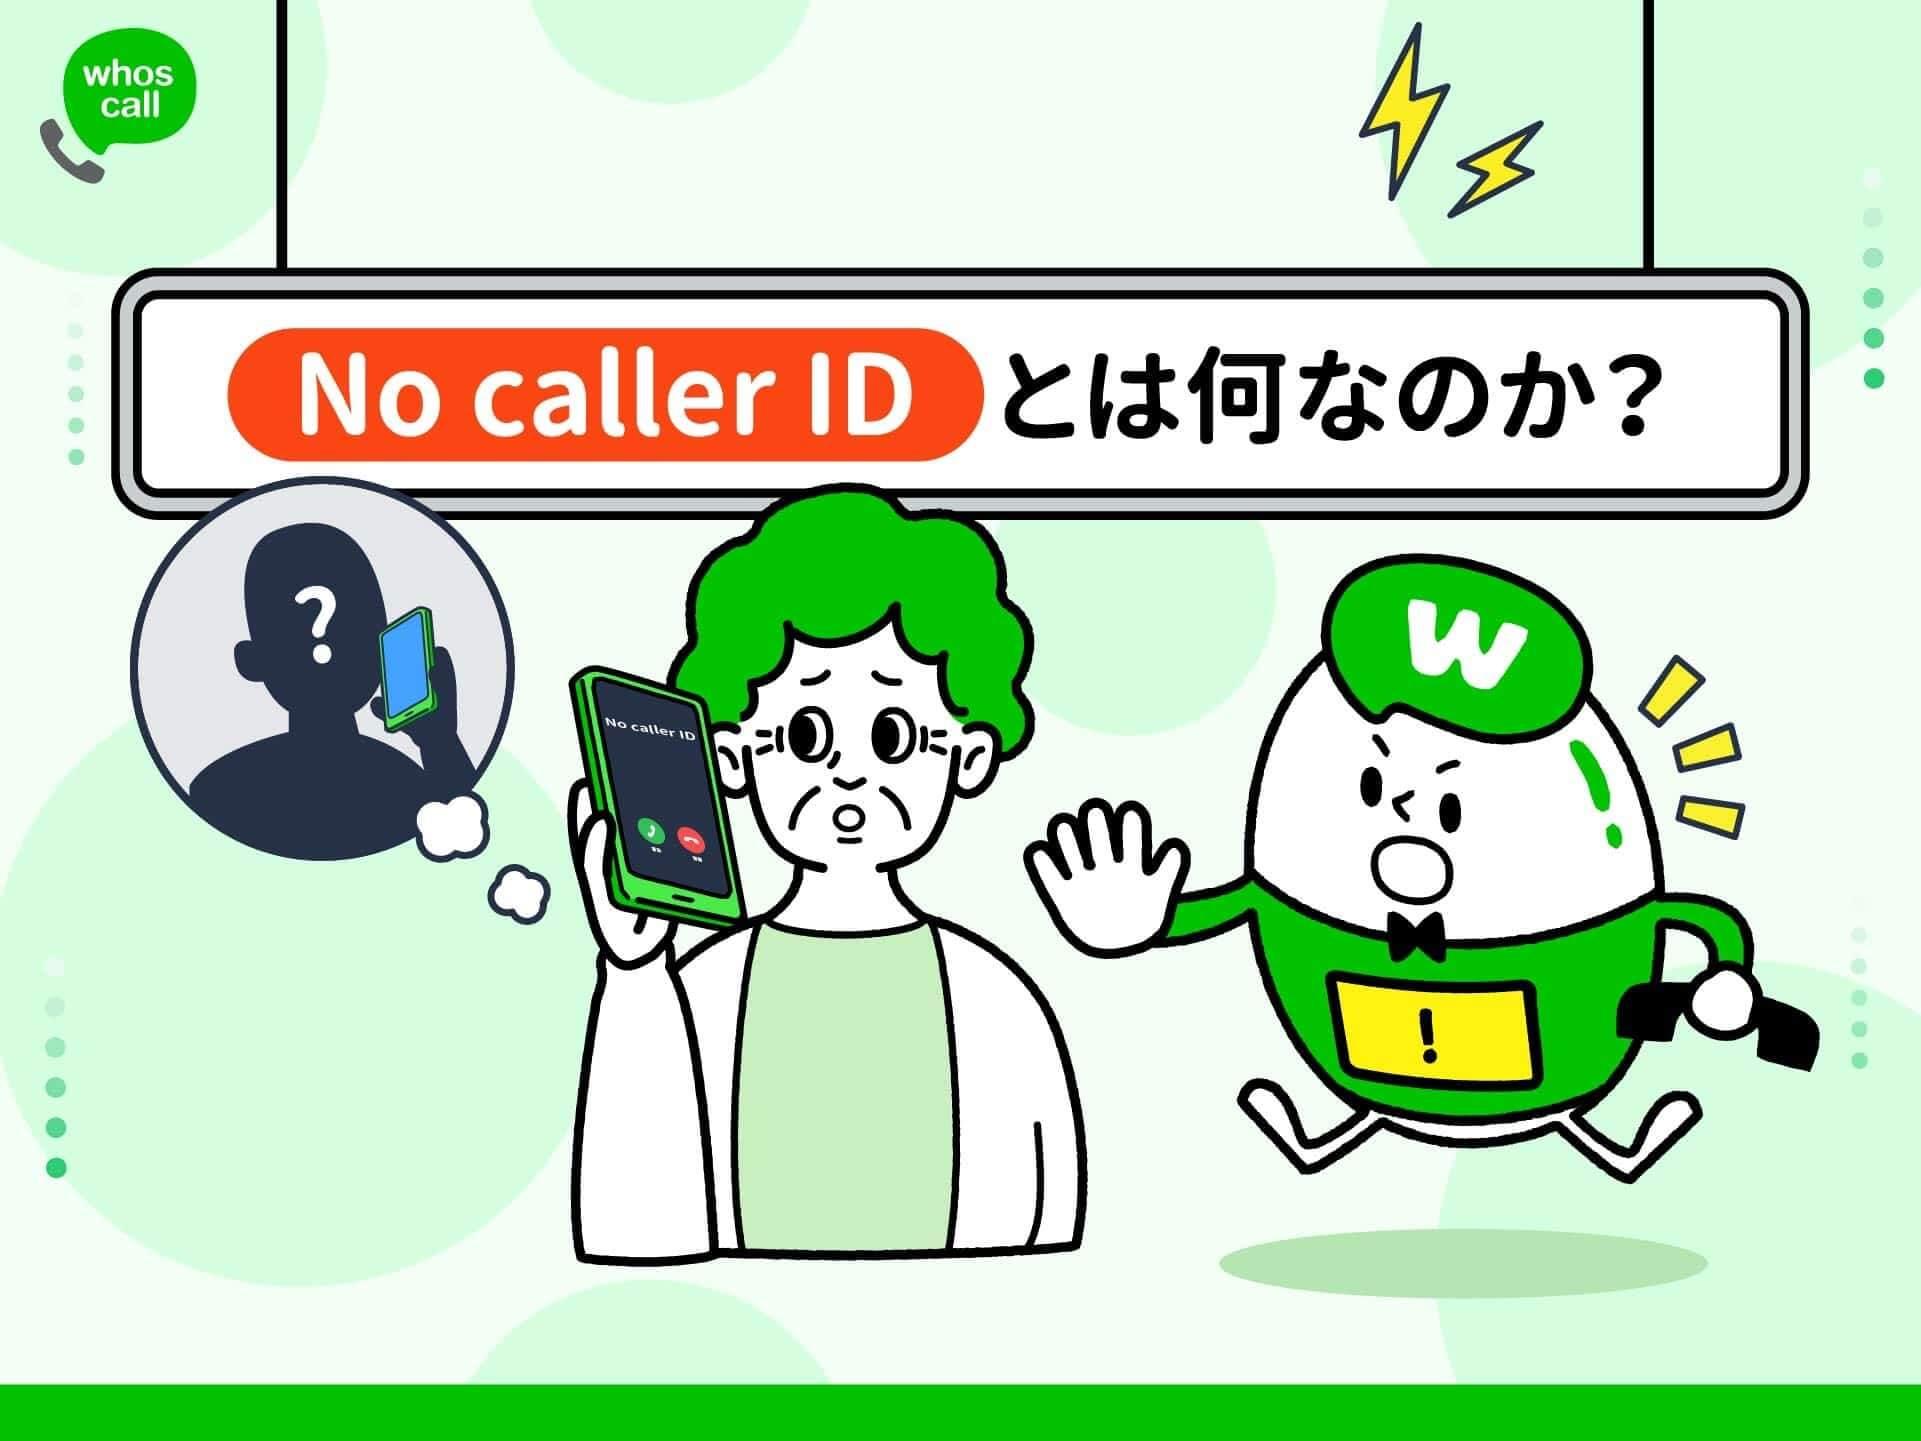 No caller ID とはなんなのか?対処法や誰が電話かけてきているのかを詳しく解説